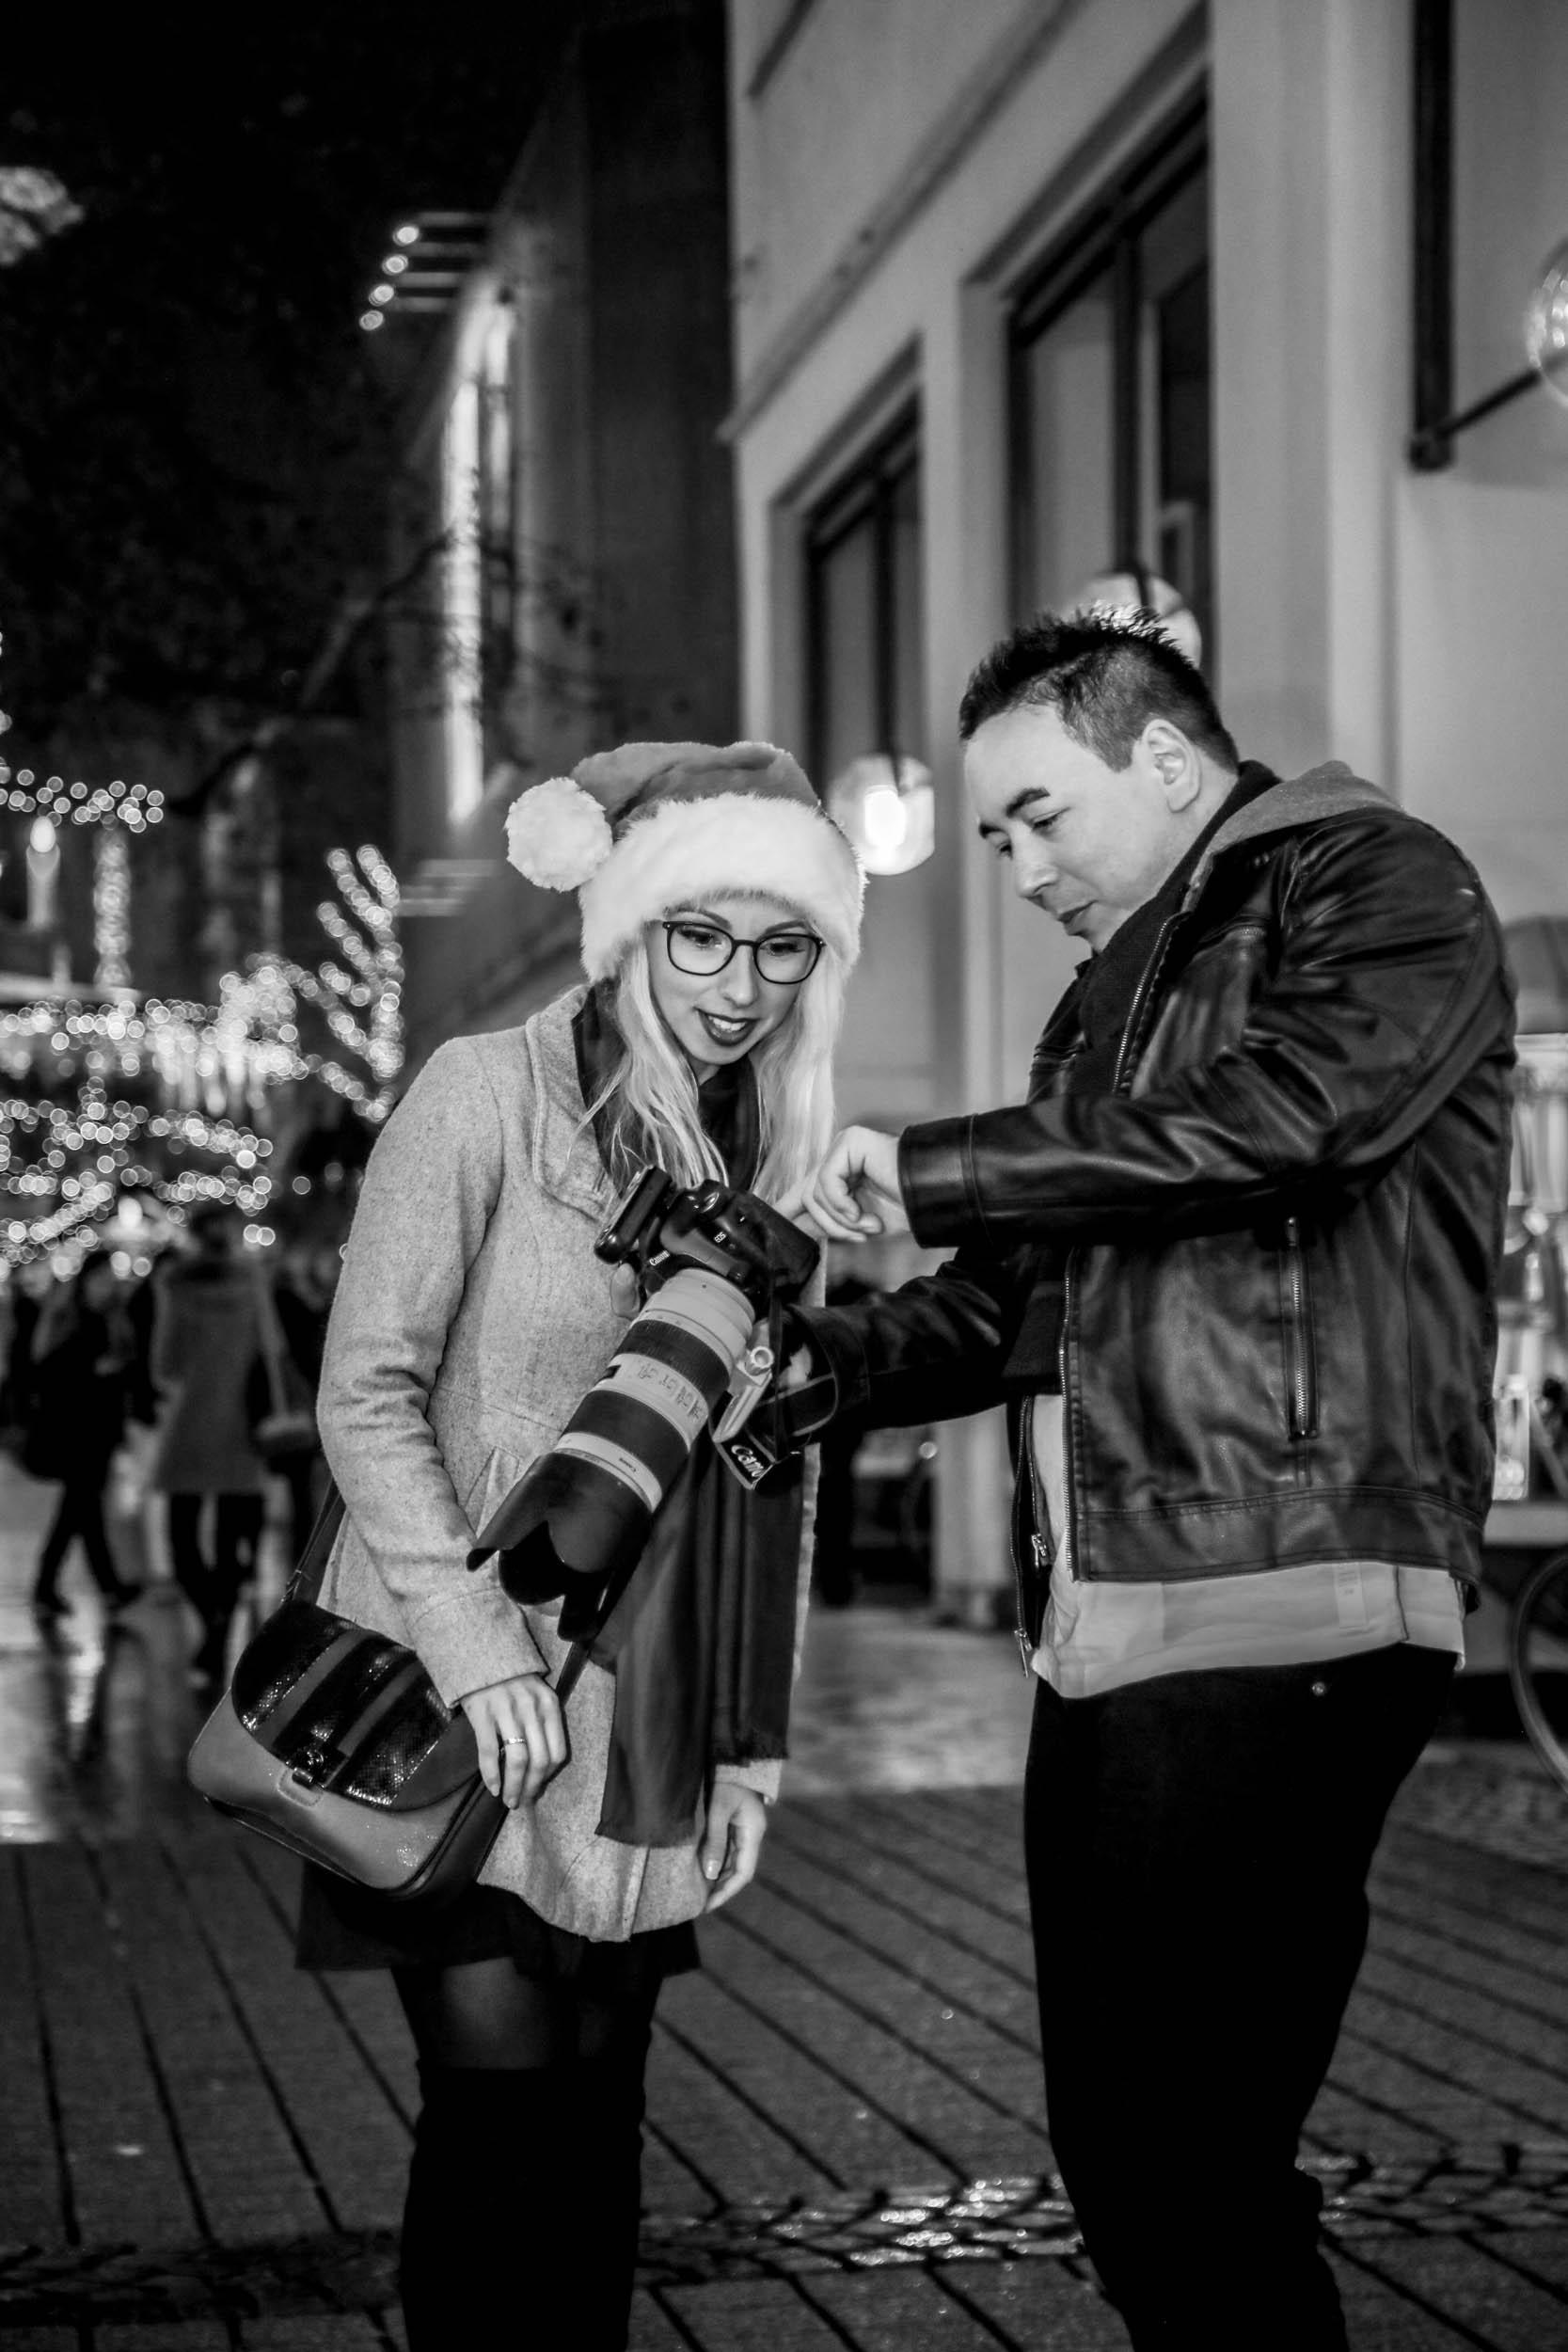 Weihnachtsmarkt-Fotoshooting